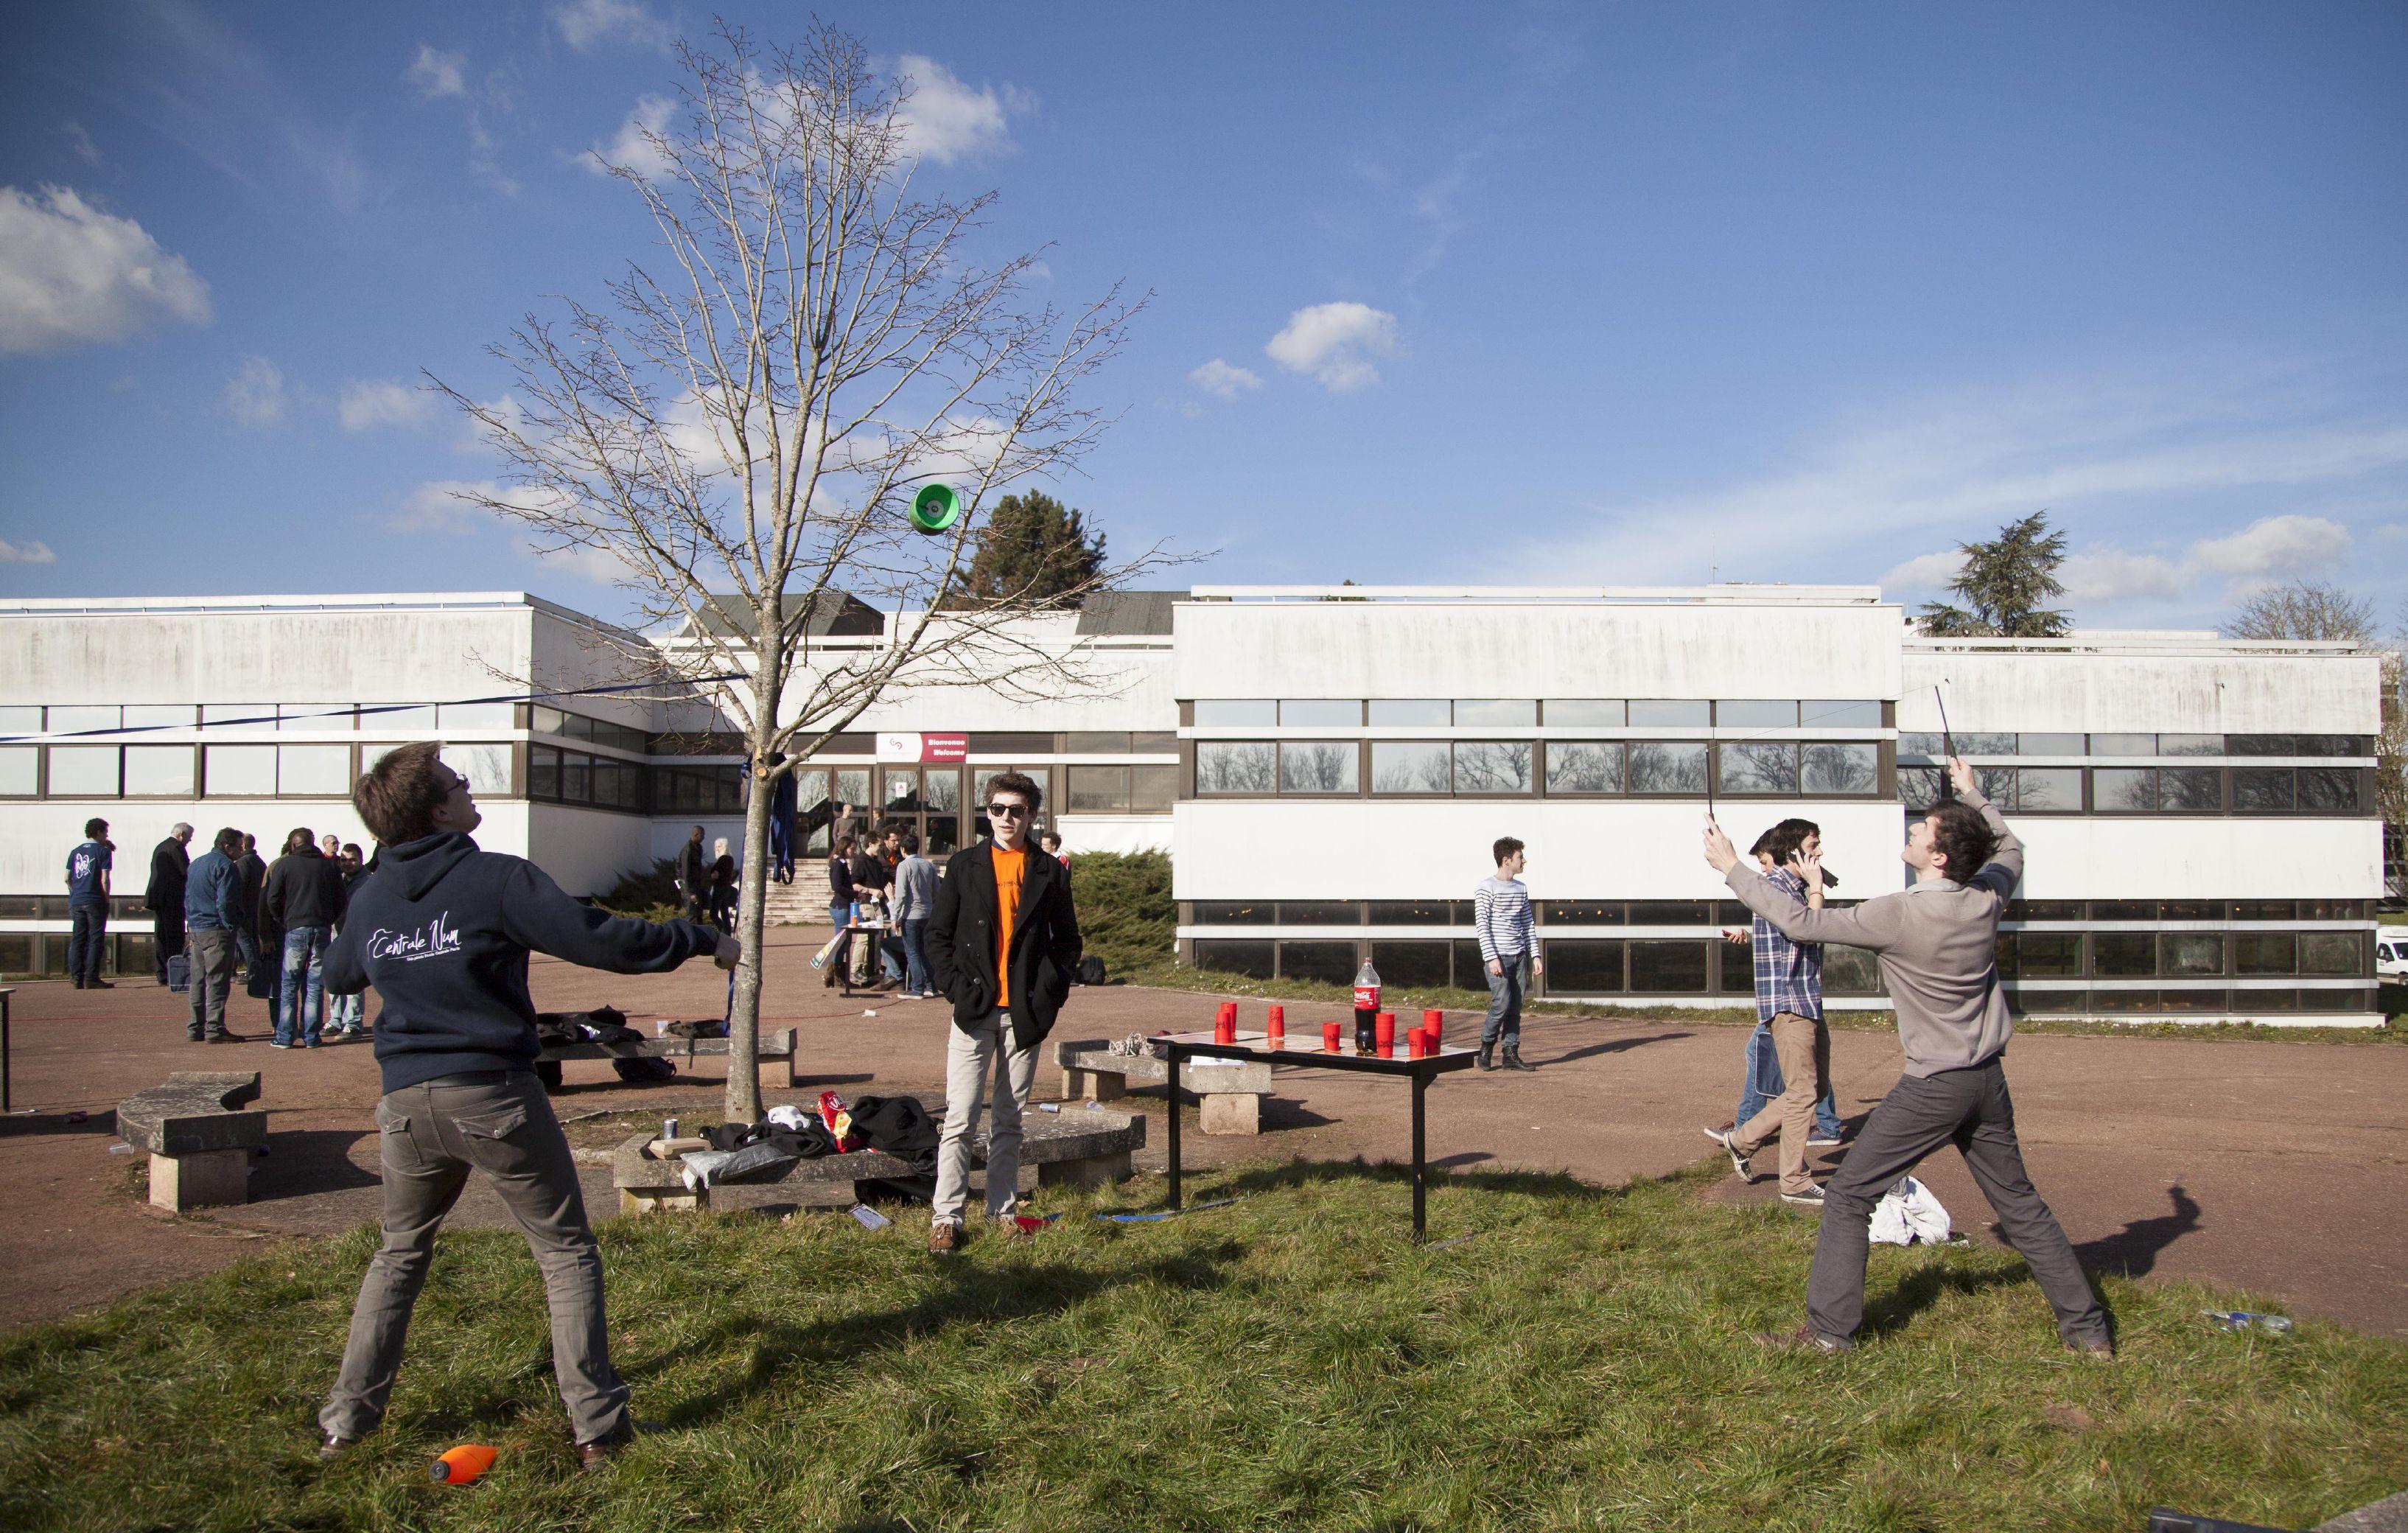 Le professeur apprécie la vie de campus, les échanges informels © CentraleSupélec